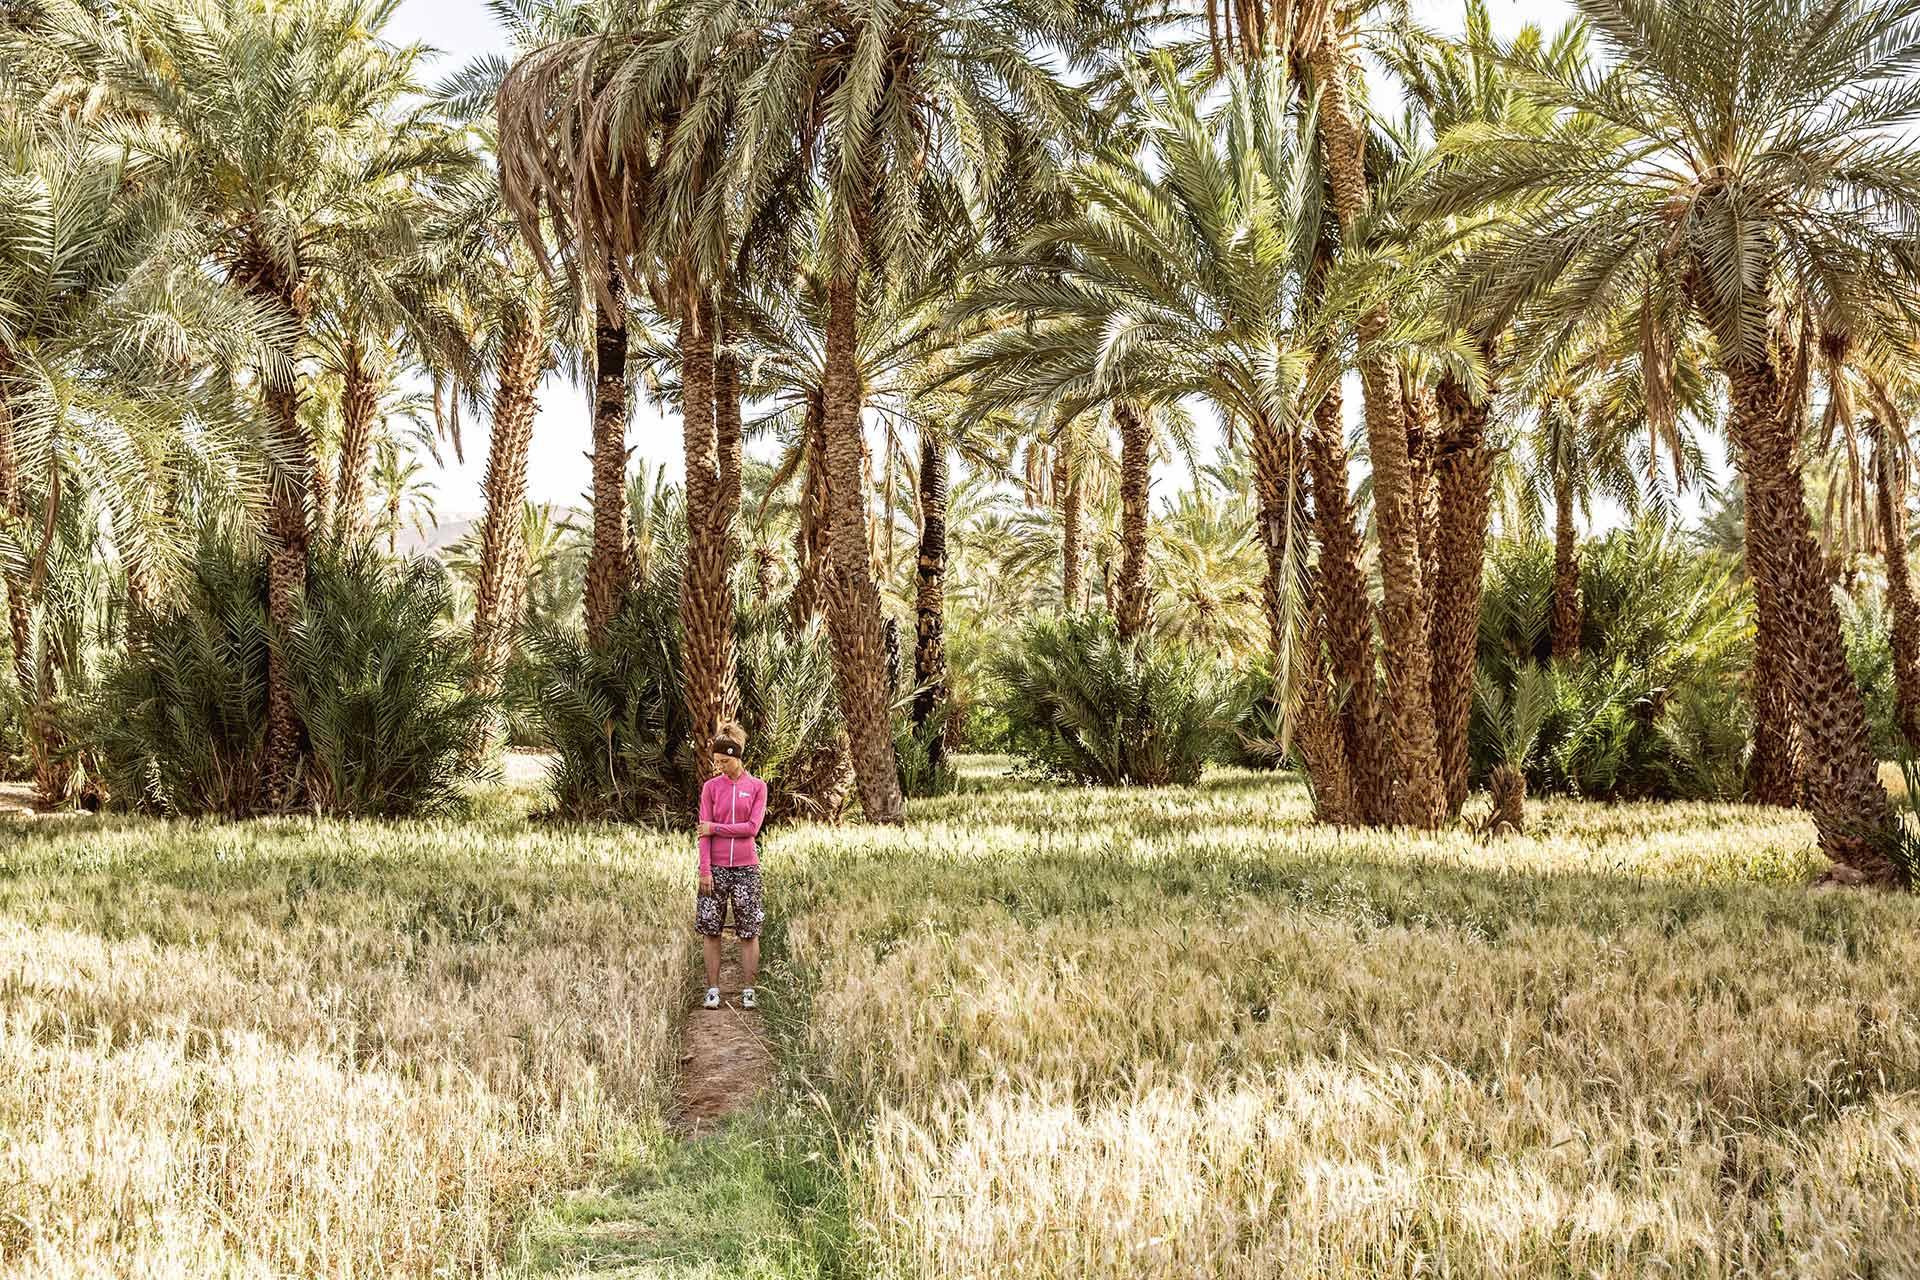 Travel Reisen Marokko Oase Palmen Frankfurt Deutschland Michael Müller